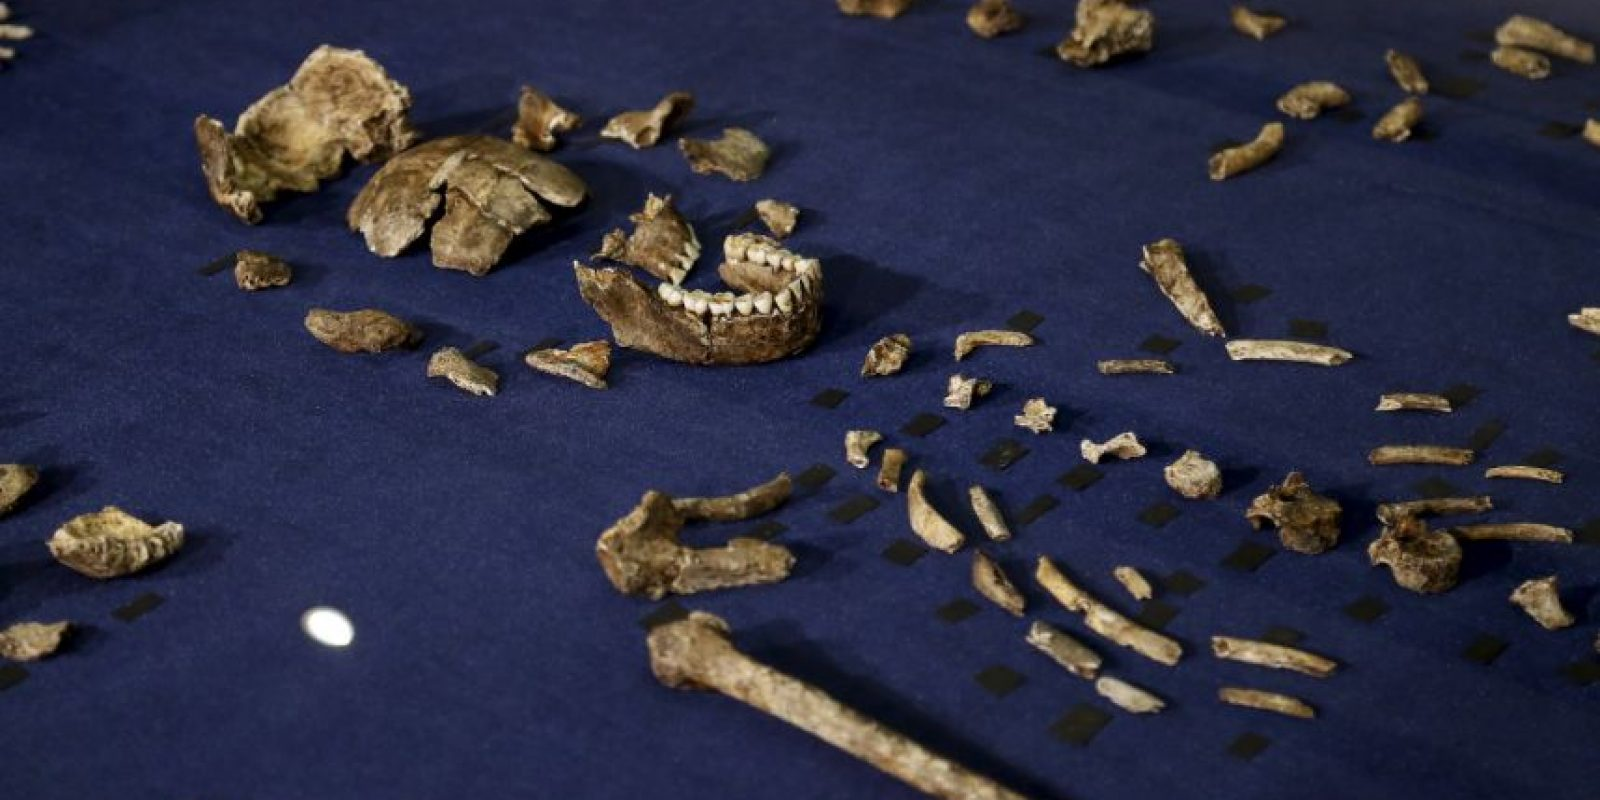 Se desconoce cómo fue que llegaron hasta allí los cadáveres. Foto:AP